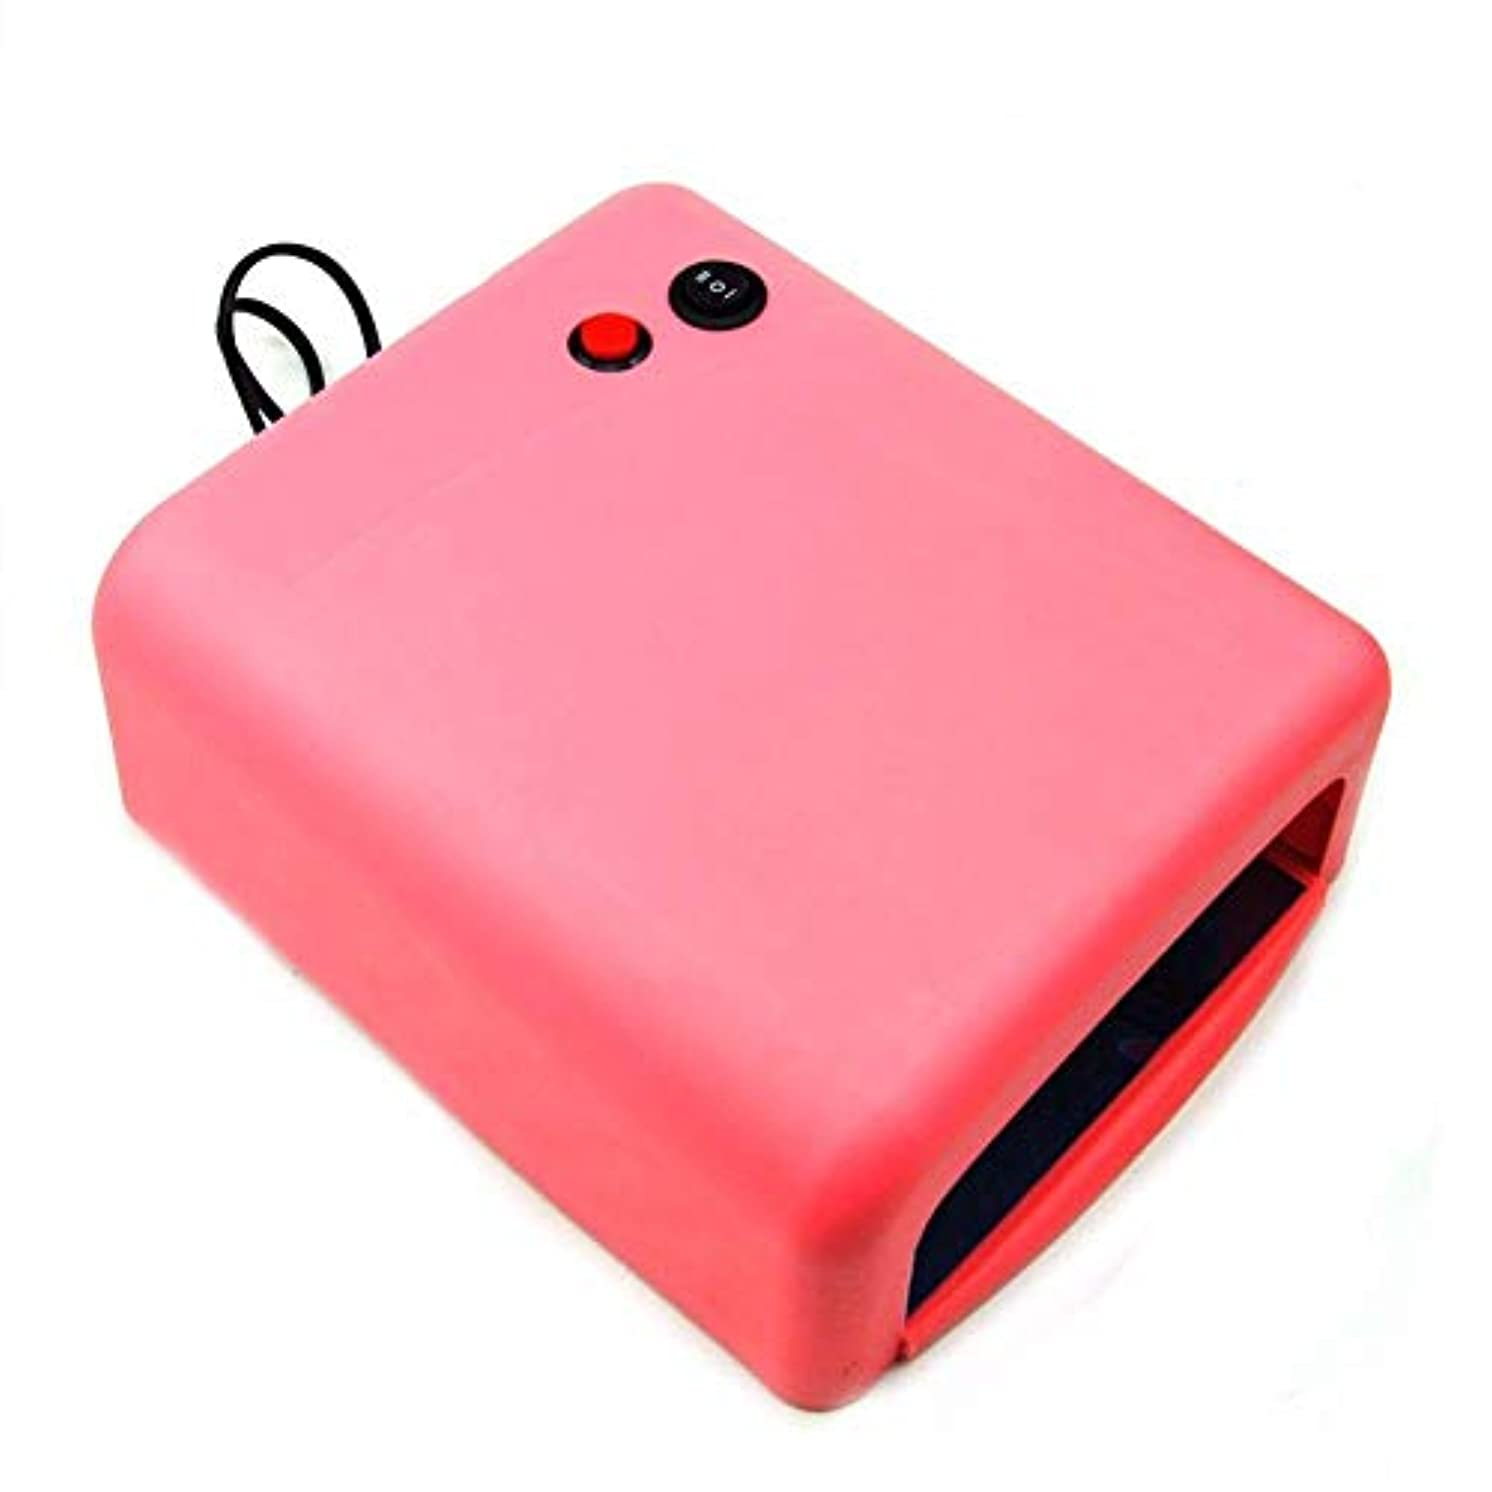 おばあさんパテ大理石ネイルドライヤーネイルドライヤー36WプロのUV LEDランプネイルドライヤーポリッシュマシン用ネイルジェルEU / USプラグ4X 9Wランプピンク色、写真の色